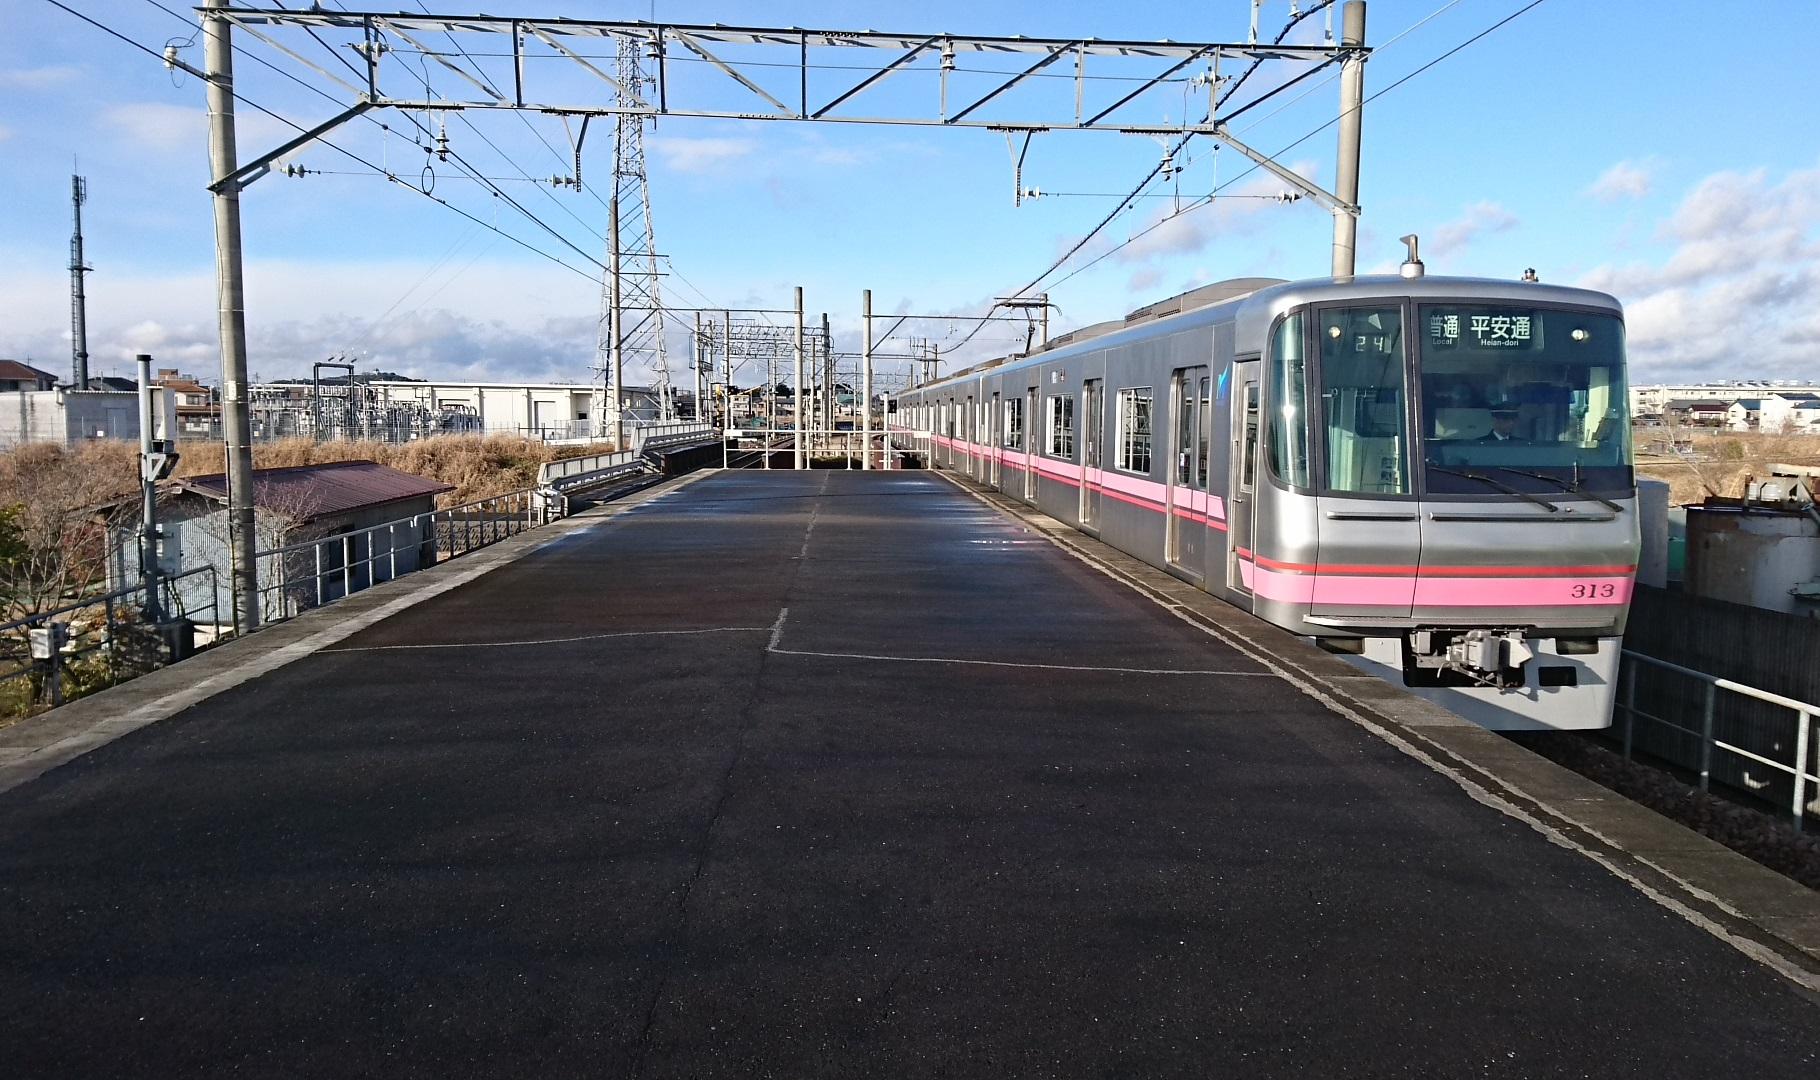 2017.1.13 春日井から牛山まで (14) 牛山 - 平安通いきふつう 1820-1080